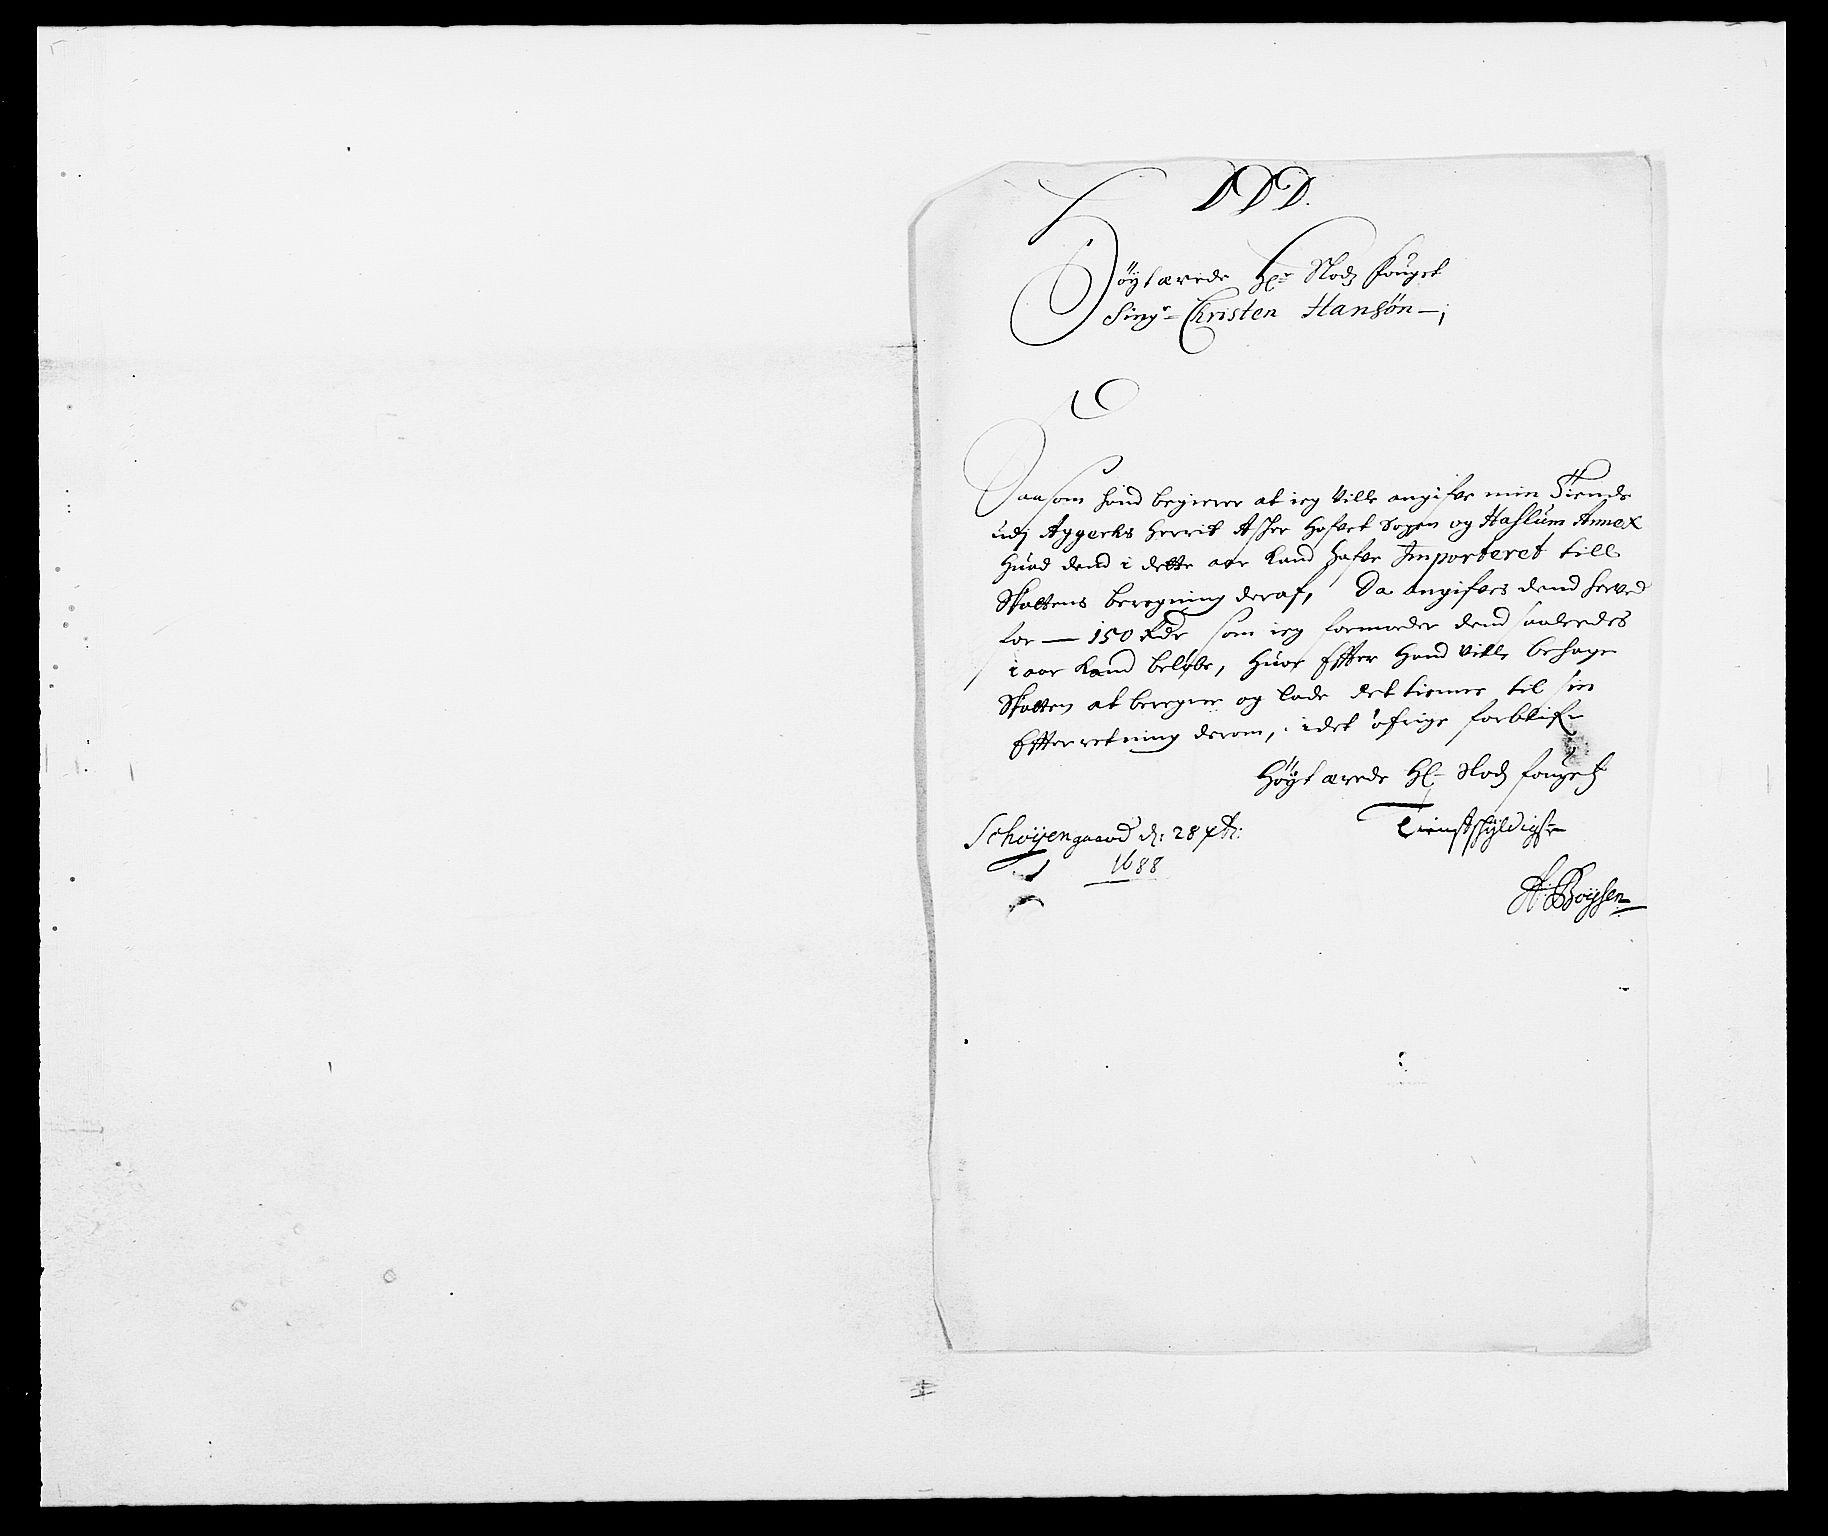 RA, Rentekammeret inntil 1814, Reviderte regnskaper, Fogderegnskap, R08/L0422: Fogderegnskap Aker, 1684-1686, s. 284